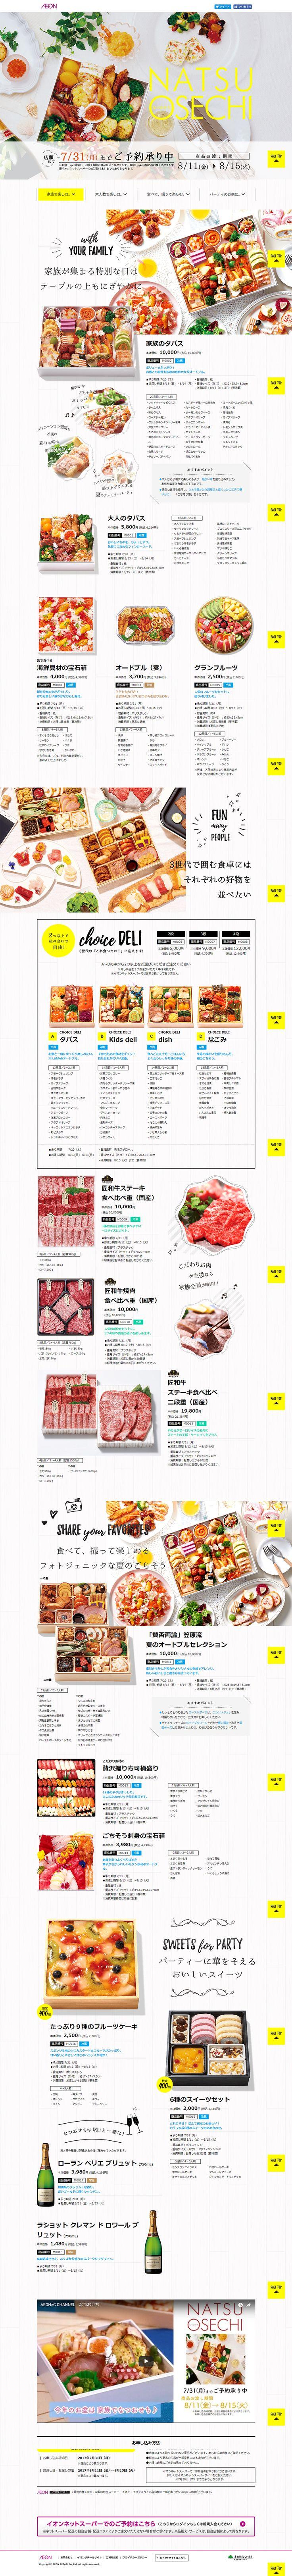 NATSUOSECHI|WEBデザイナーさん必見!ランディングページのデザイン参考に(キレイ系)http://gift.aeonsquare.net/natsuosechi/